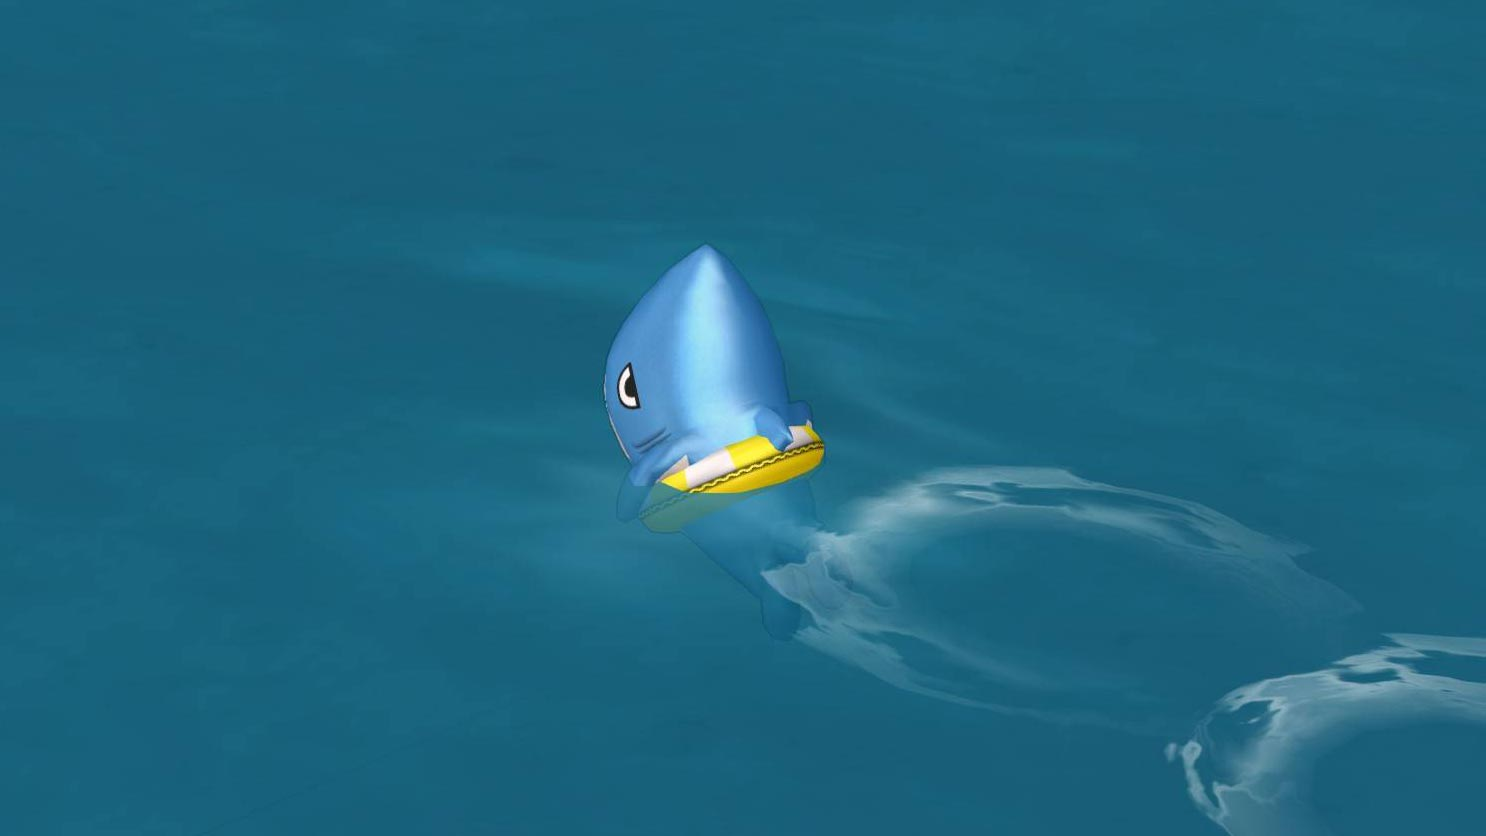 サメきぐるみ-浮き輪で泳ぐ